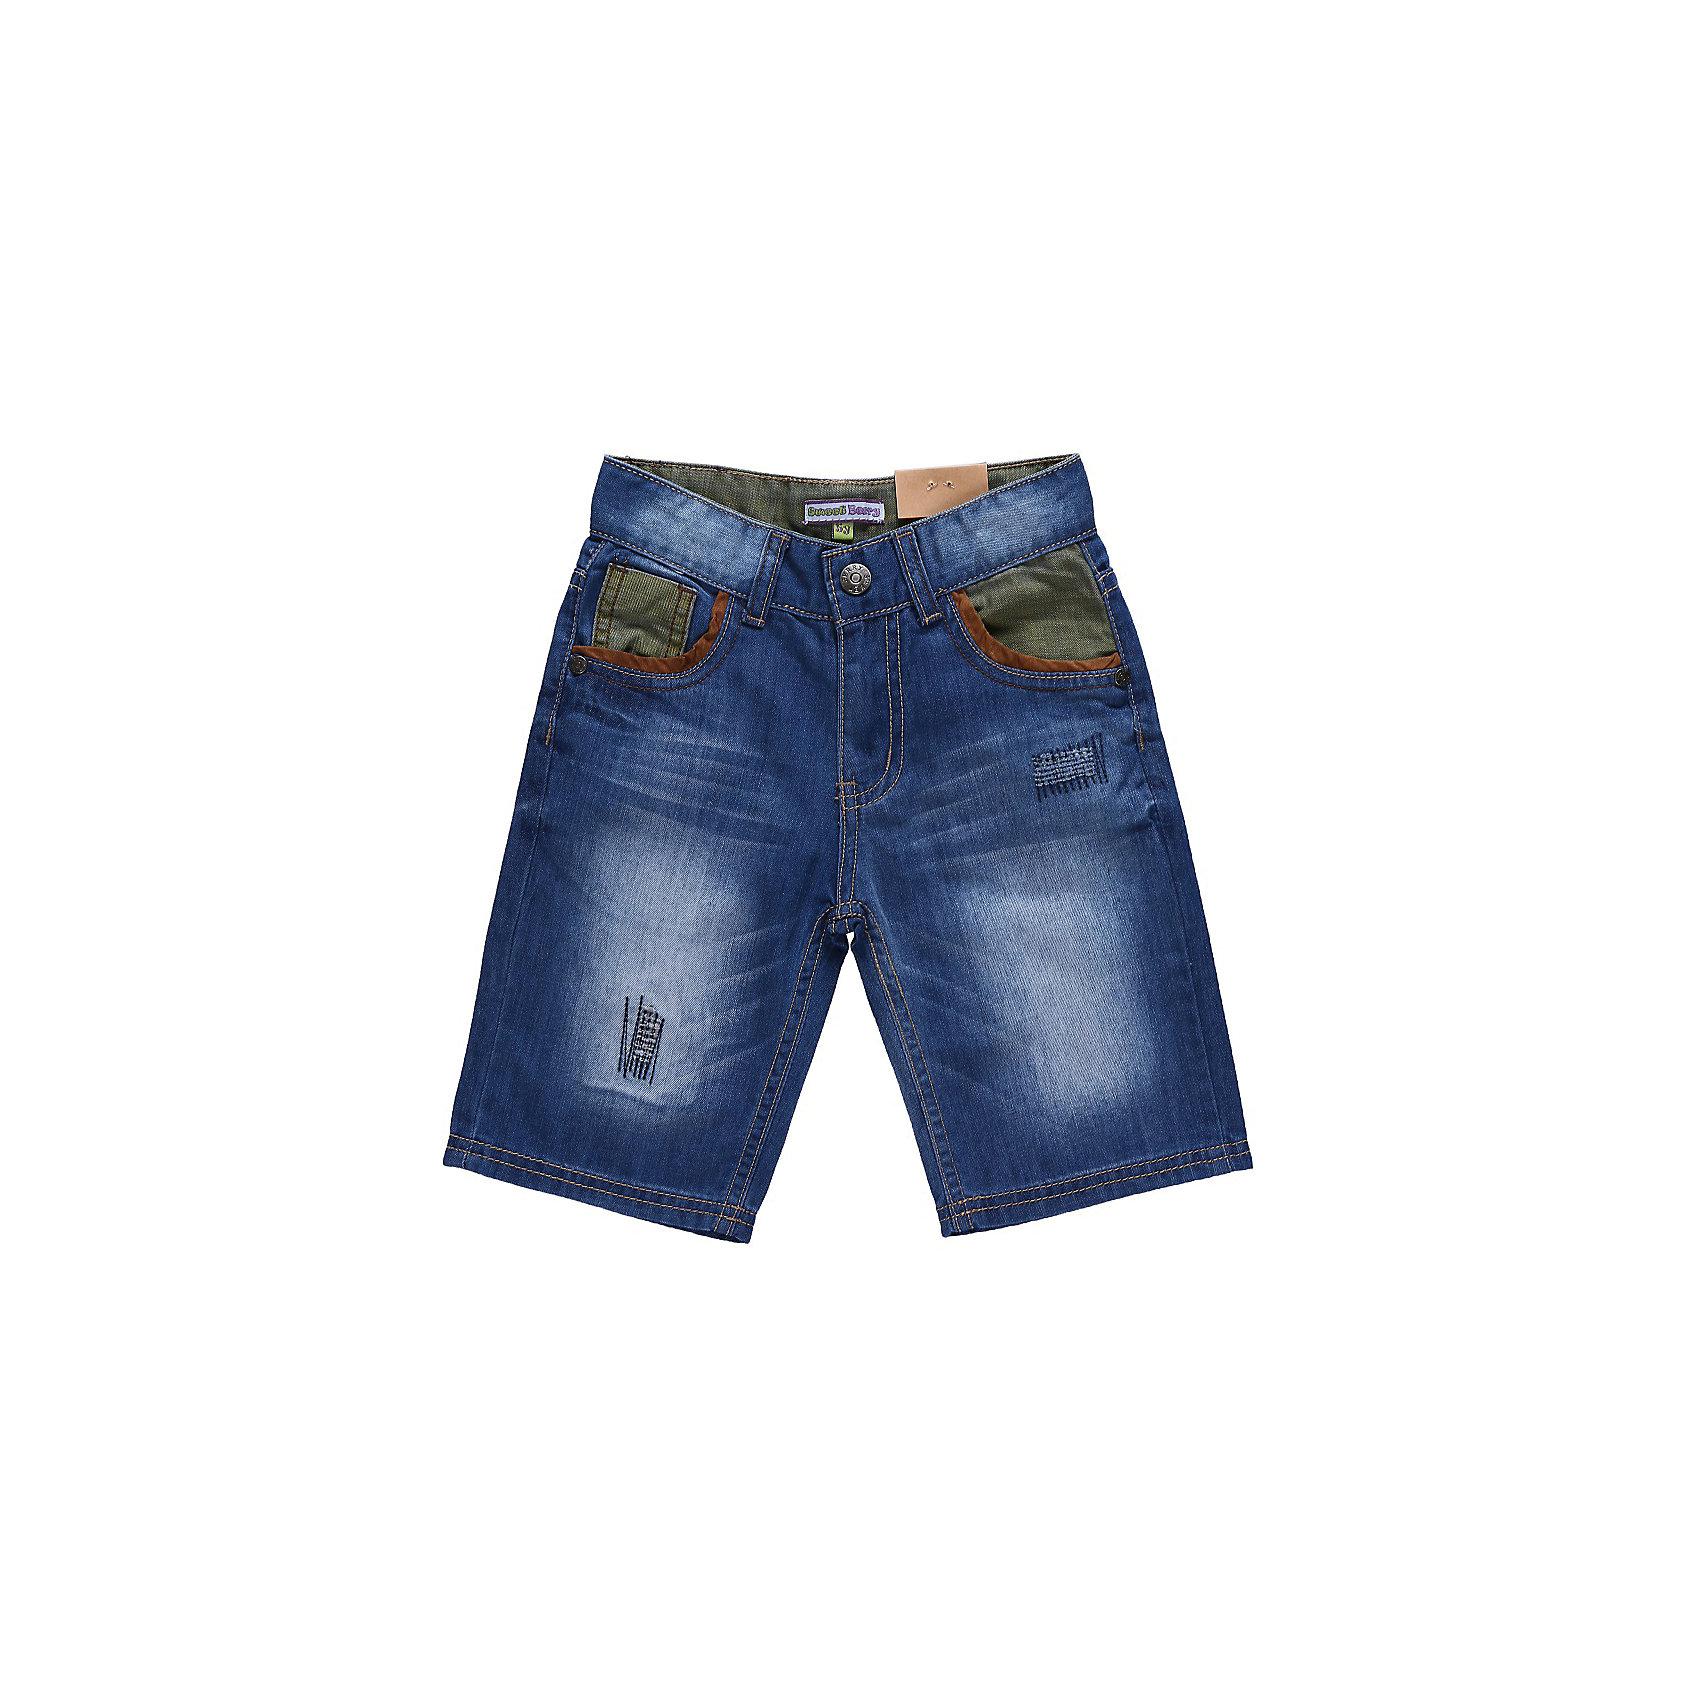 Бриджи джинсовые для мальчика Sweet BerryШорты, бриджи, капри<br>Джинсовые шорты с контрастными вставками из цветной джинсы. С регулировкой внутри на поясе.<br>Состав:<br>100% хлопок<br><br>Ширина мм: 191<br>Глубина мм: 10<br>Высота мм: 175<br>Вес г: 273<br>Цвет: синий<br>Возраст от месяцев: 36<br>Возраст до месяцев: 48<br>Пол: Мужской<br>Возраст: Детский<br>Размер: 104,98,116,128,122,110<br>SKU: 4522677